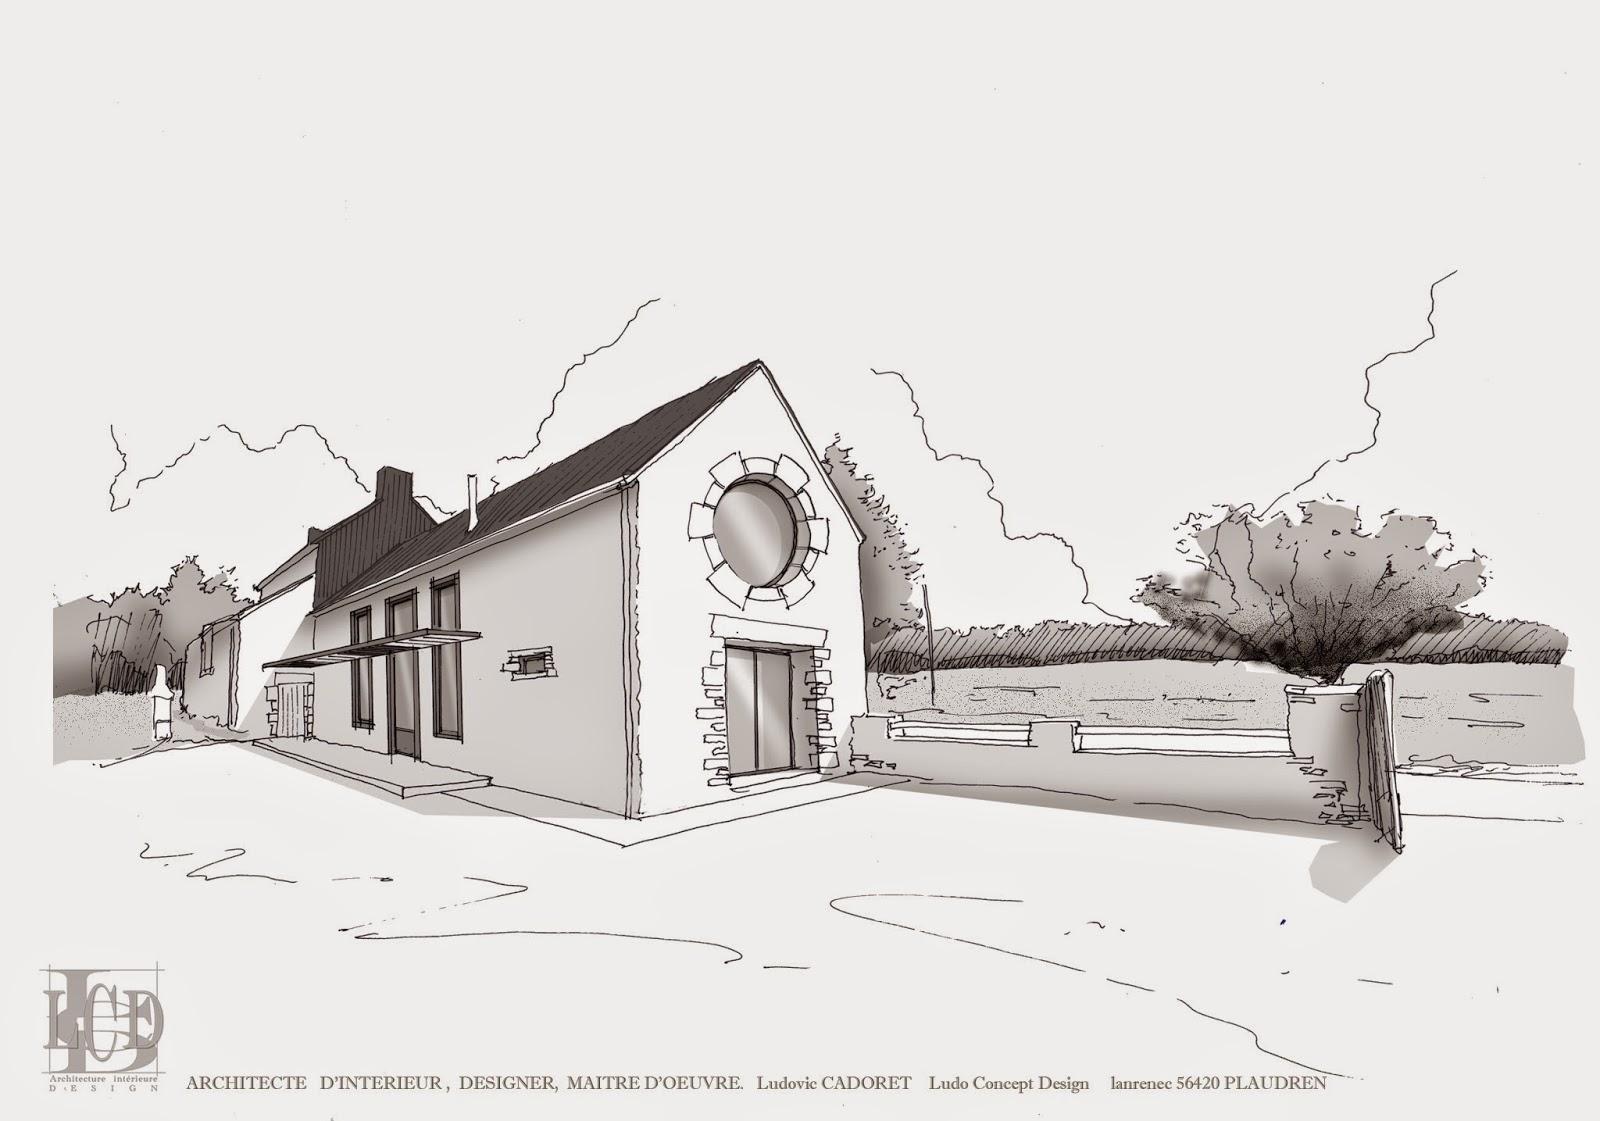 L c d ludo concept design architecte d 39 int rieur for Plan architecture en ligne